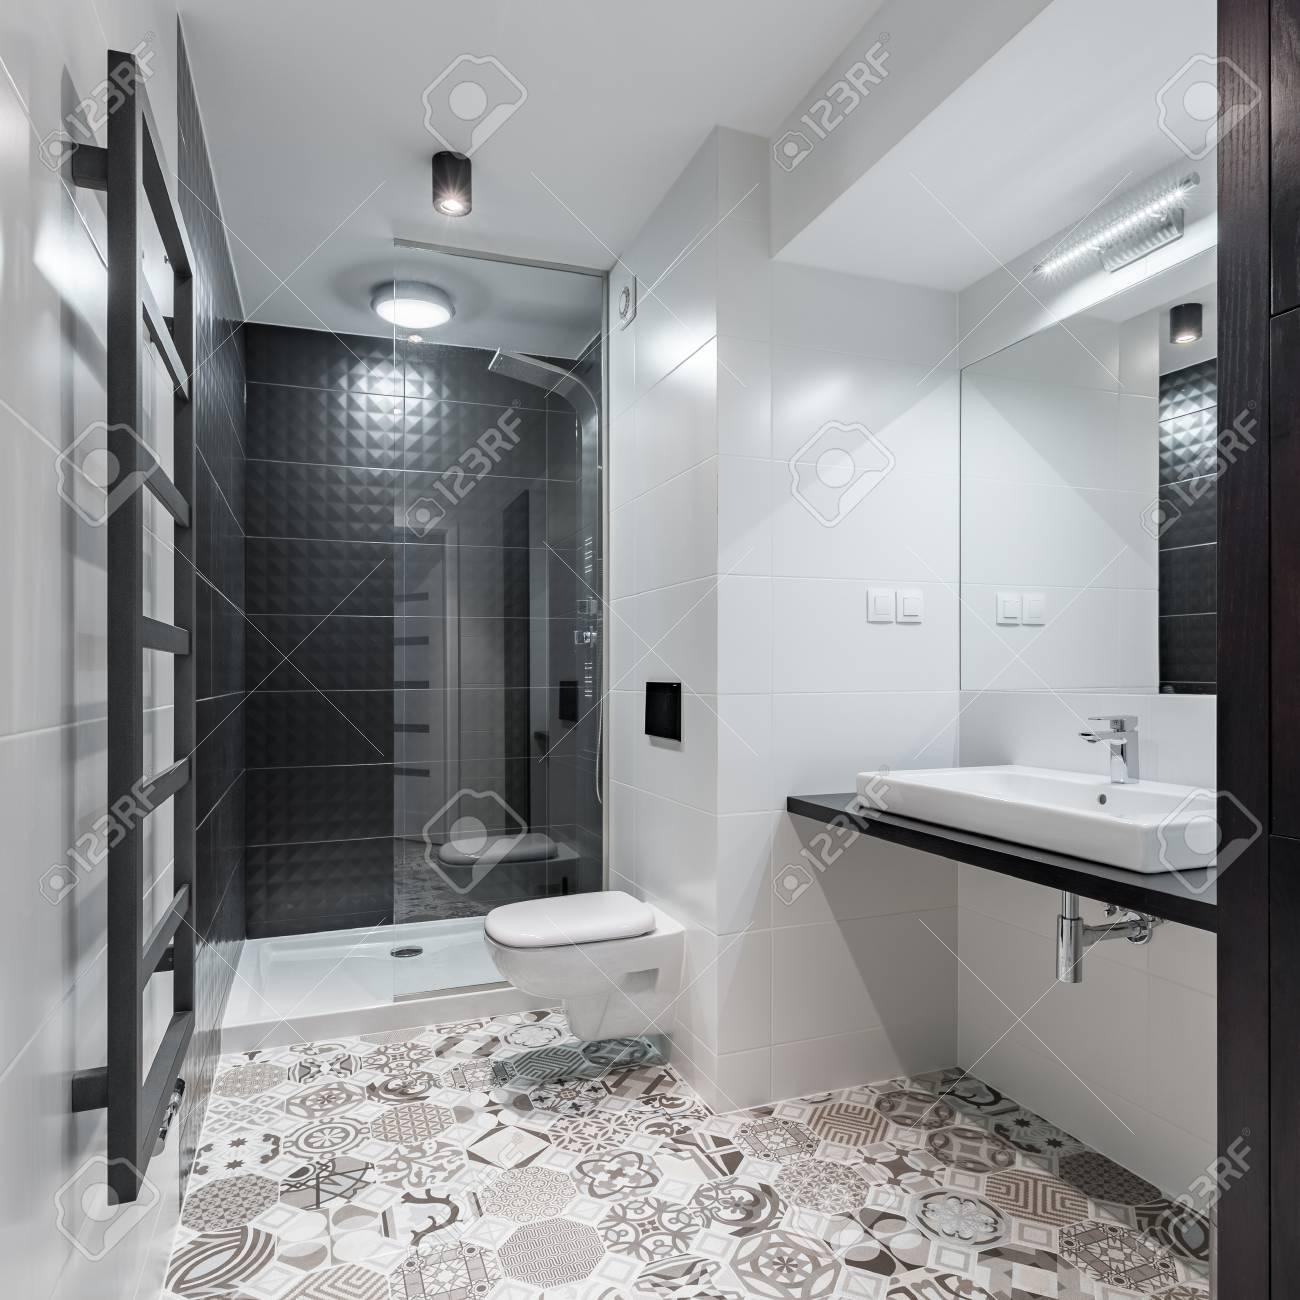 Cuarto de baño blanco y negro con ducha y azulejos de azulejos antiguos